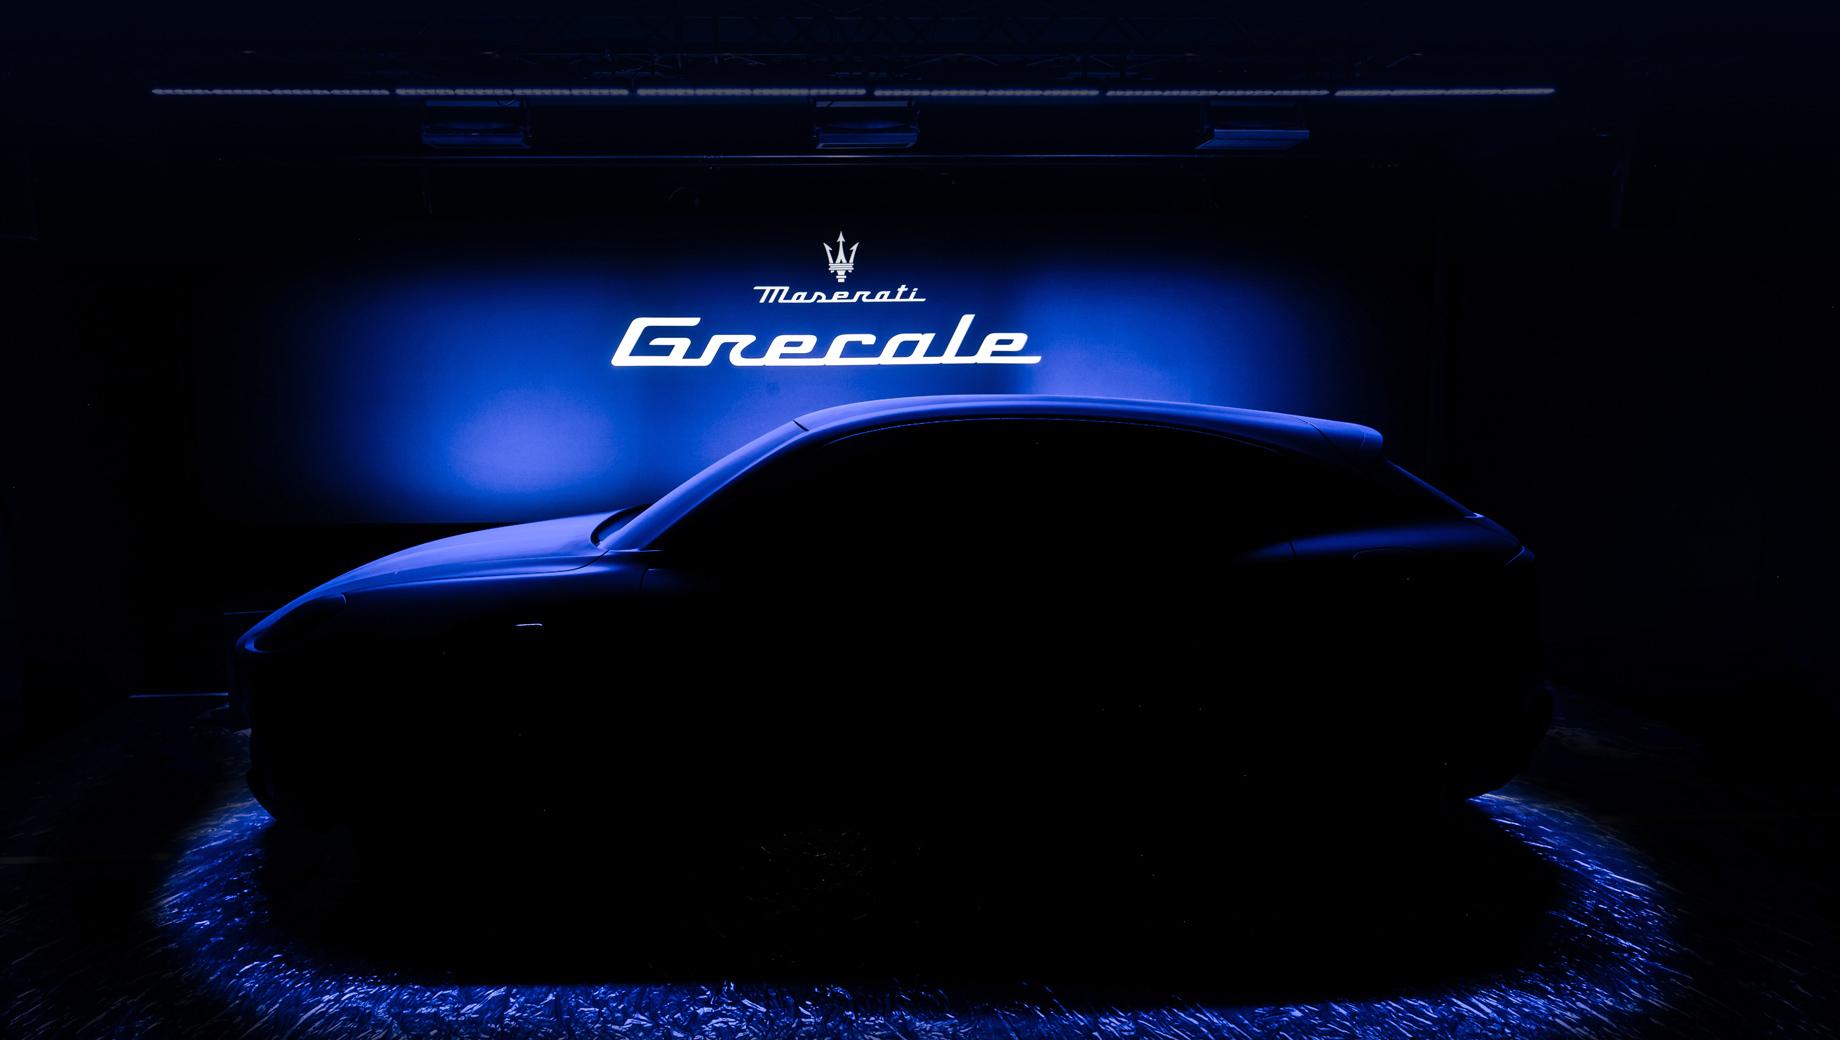 Maserati grecale. Премьера суперкара MC20 дала повод компании поговорить о планах на будущее, а важным дополнением ко всем презентациям стал первый официальный тизер младшего паркетника.